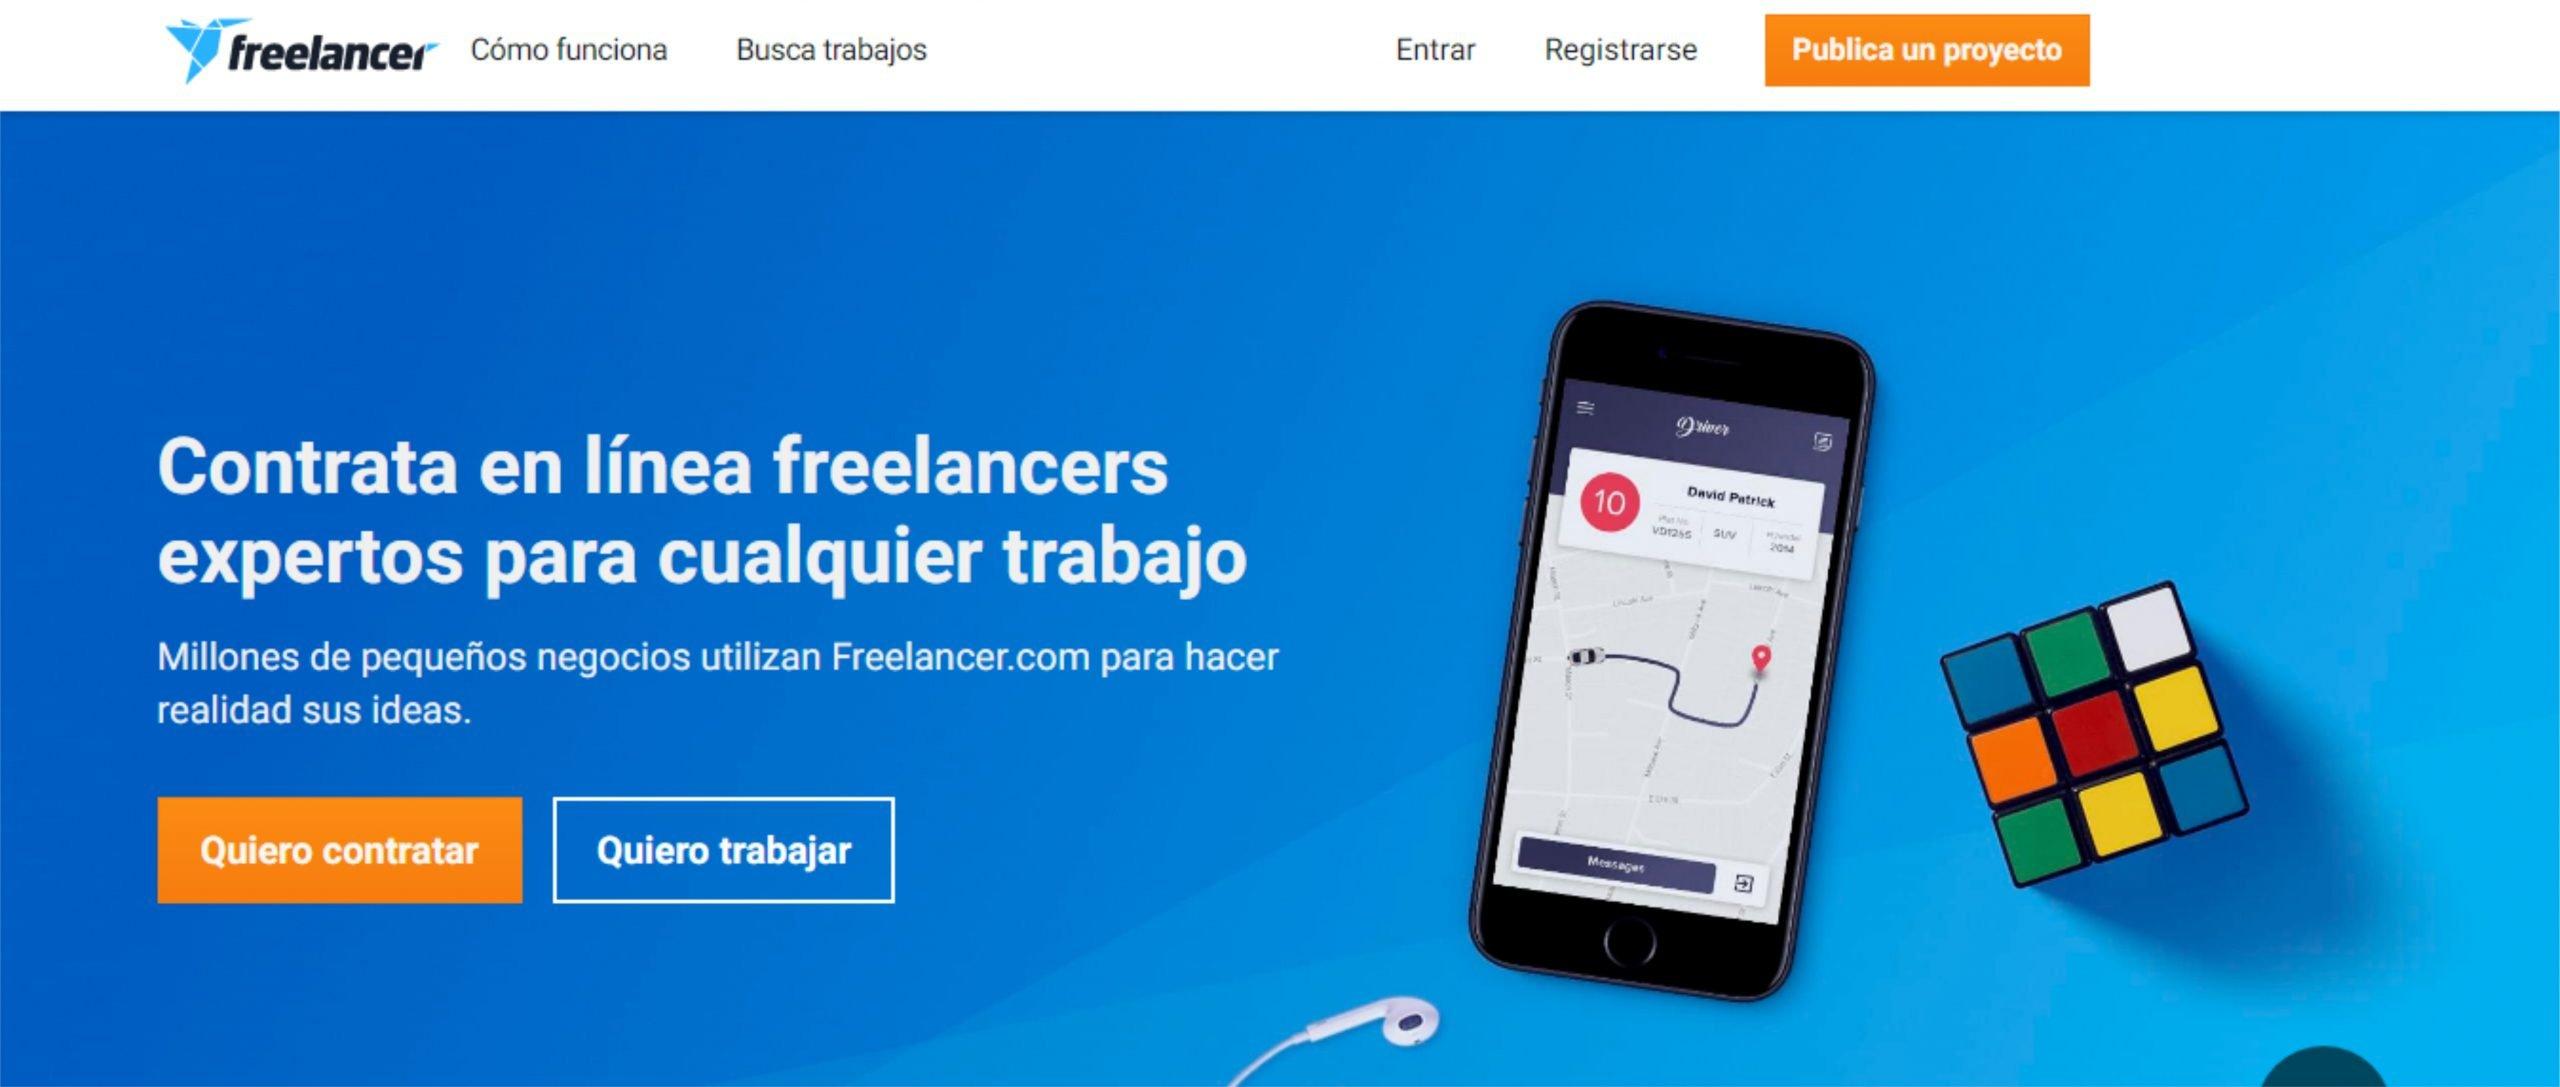 Consigue dinero con Freelancer